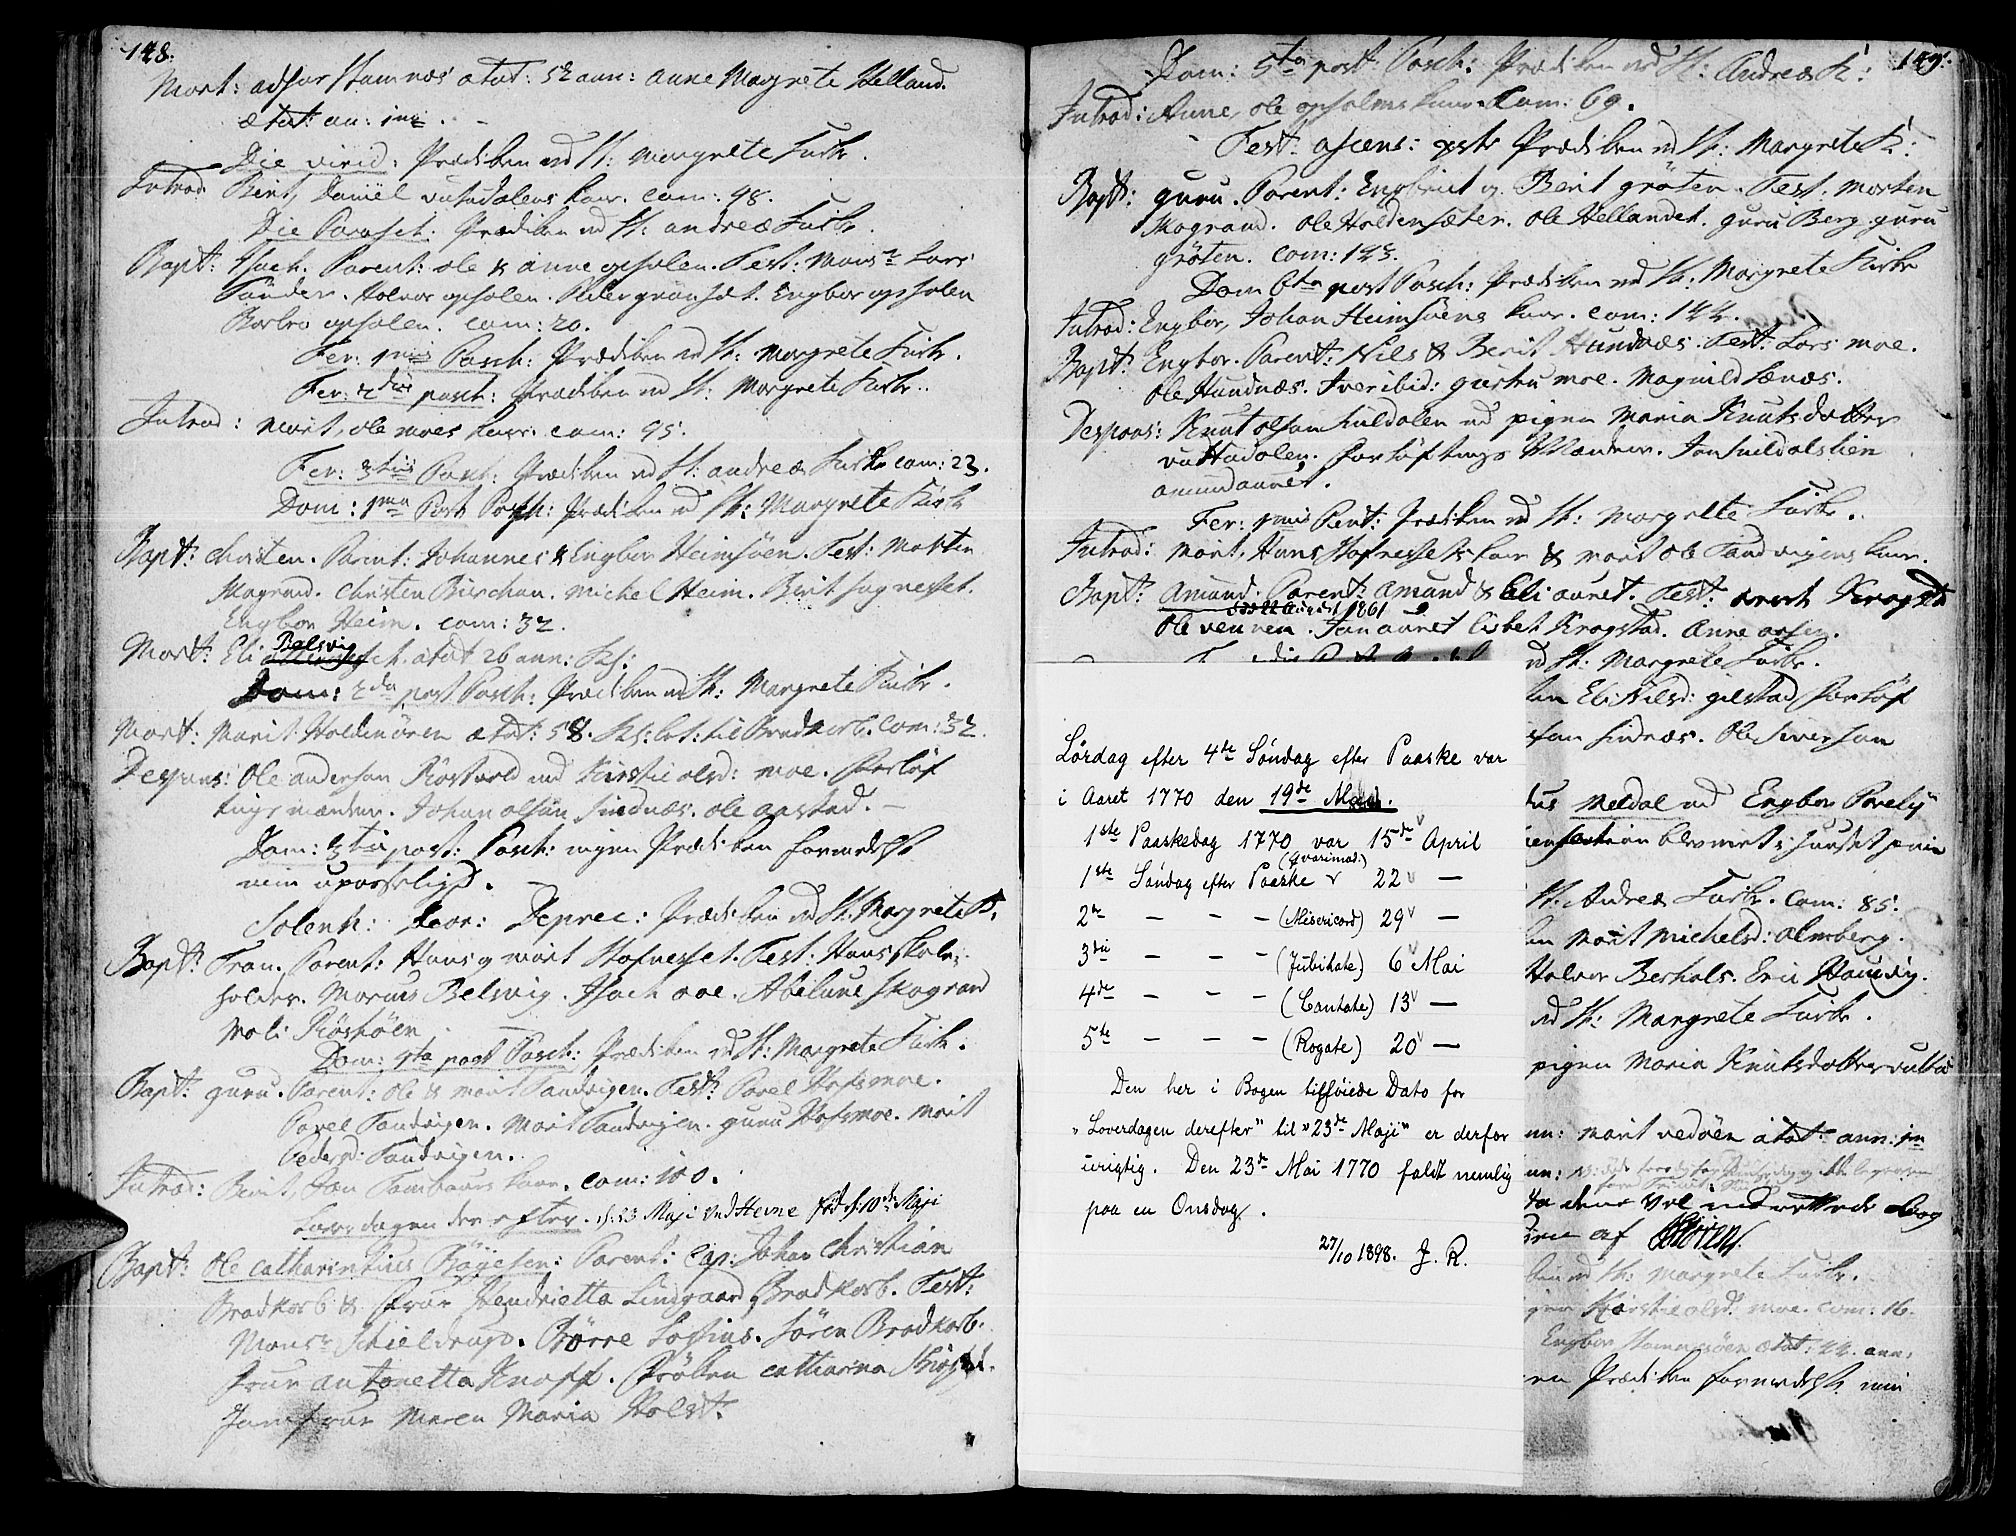 SAT, Ministerialprotokoller, klokkerbøker og fødselsregistre - Sør-Trøndelag, 630/L0489: Ministerialbok nr. 630A02, 1757-1794, s. 148-149